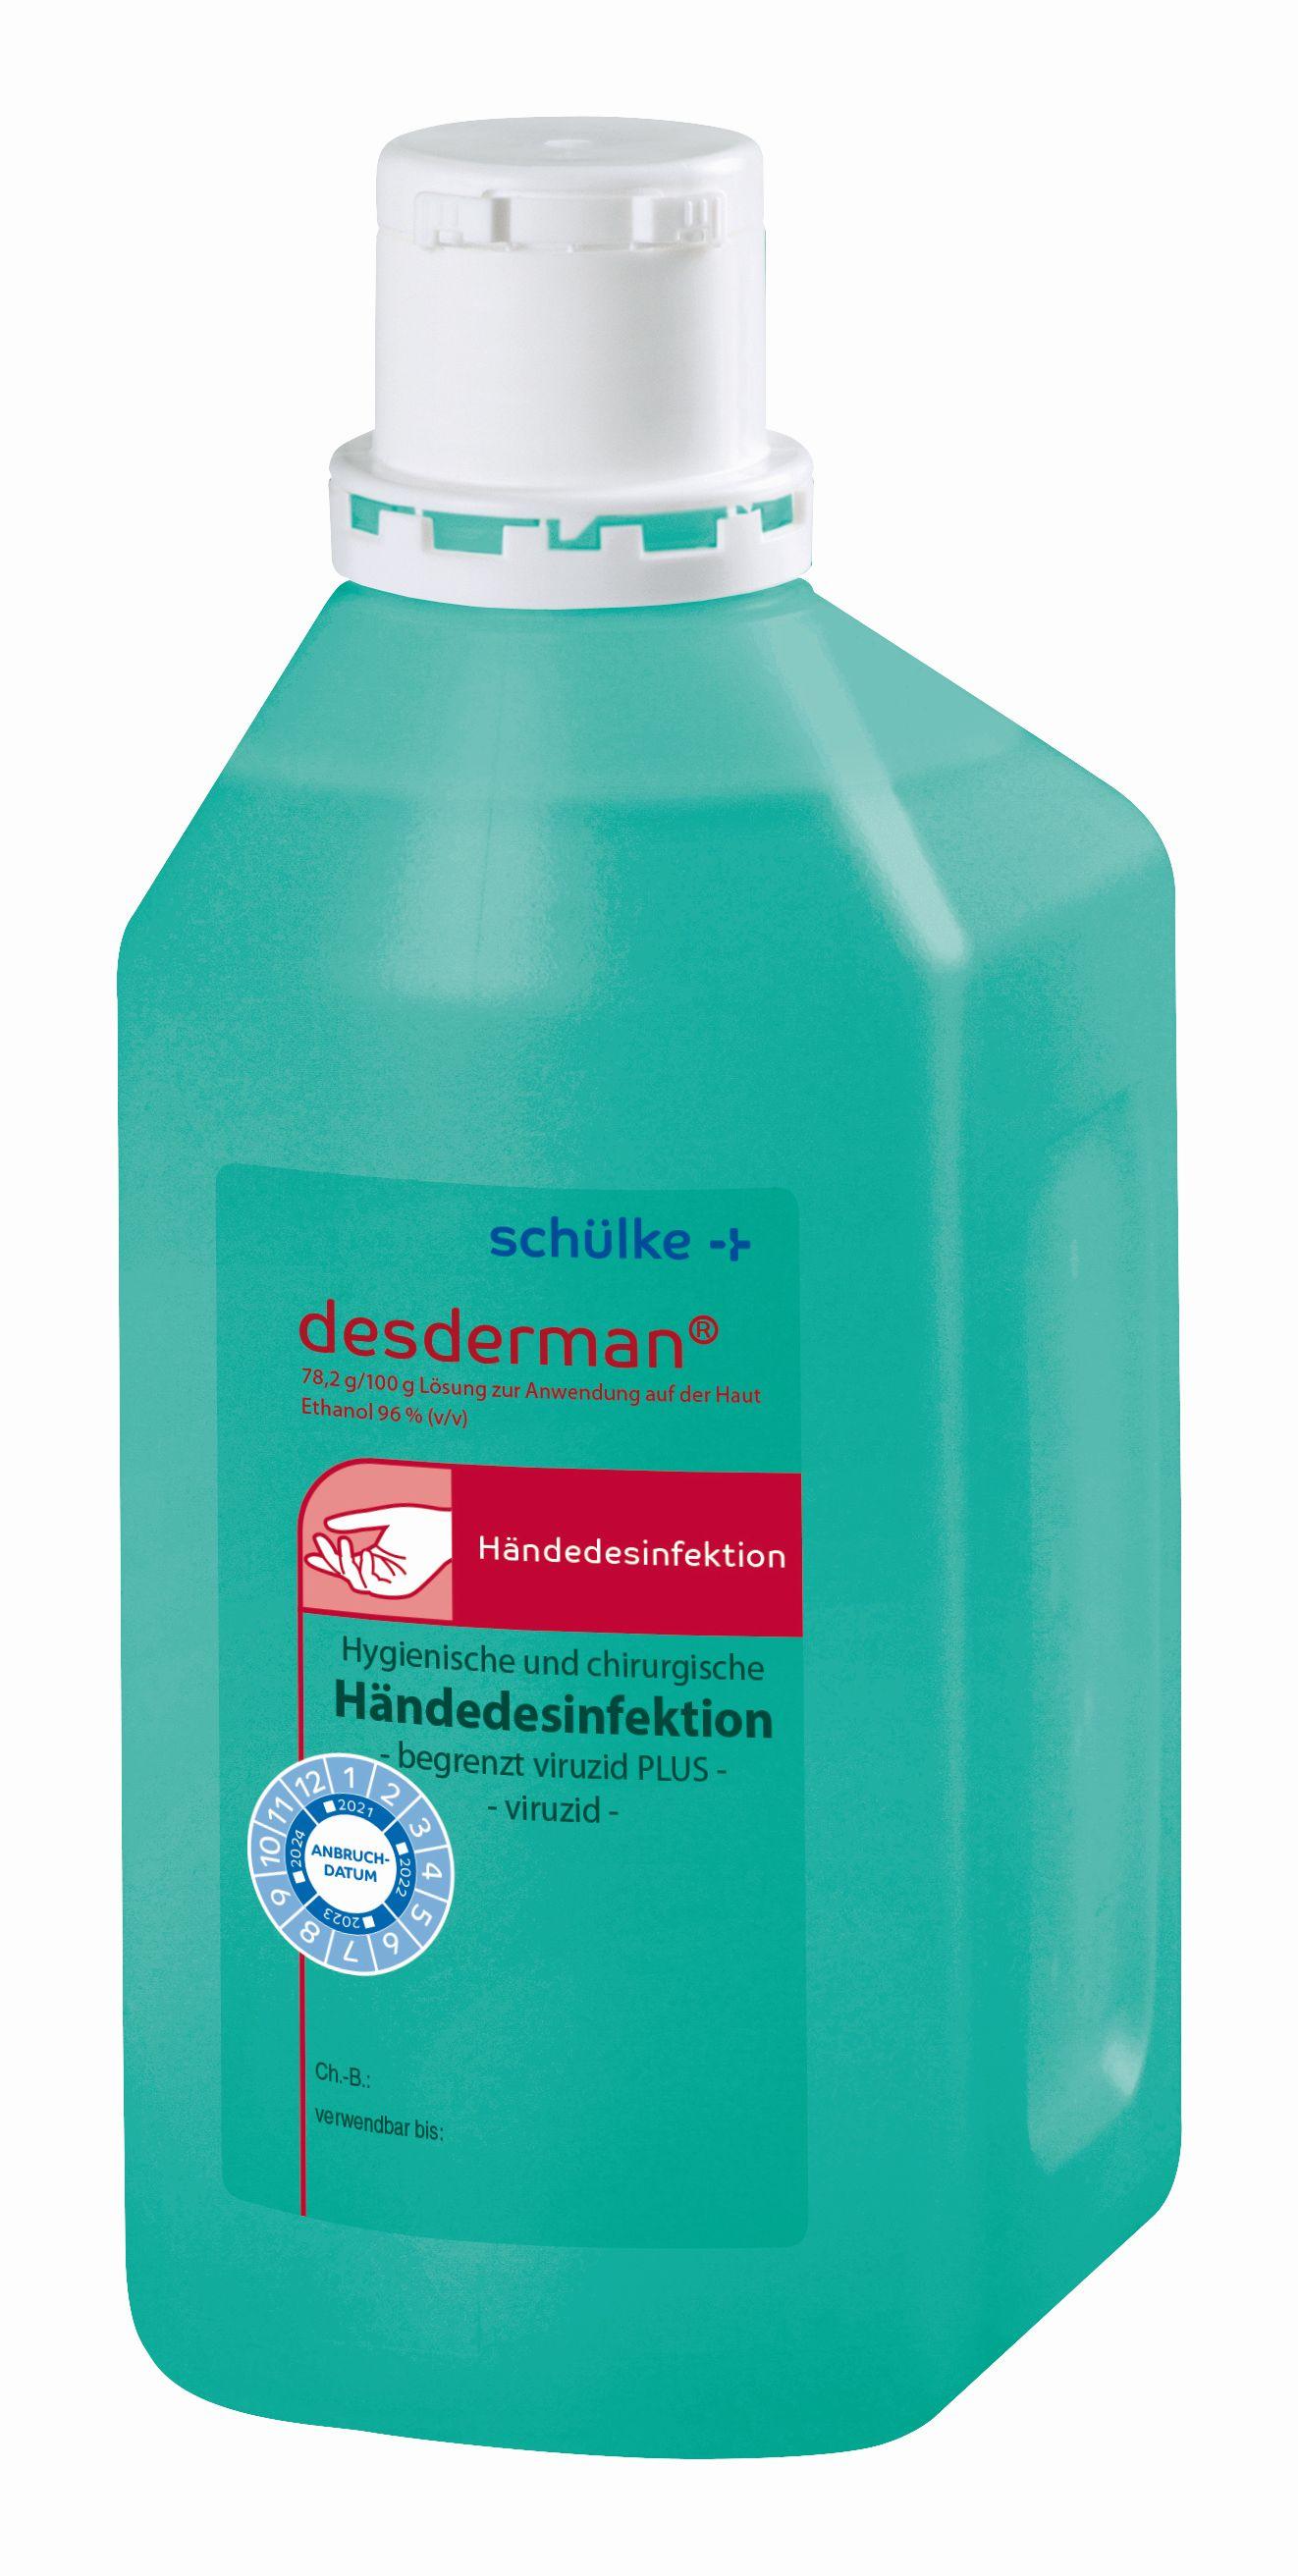 desderman - Händedesinfektionsmittel